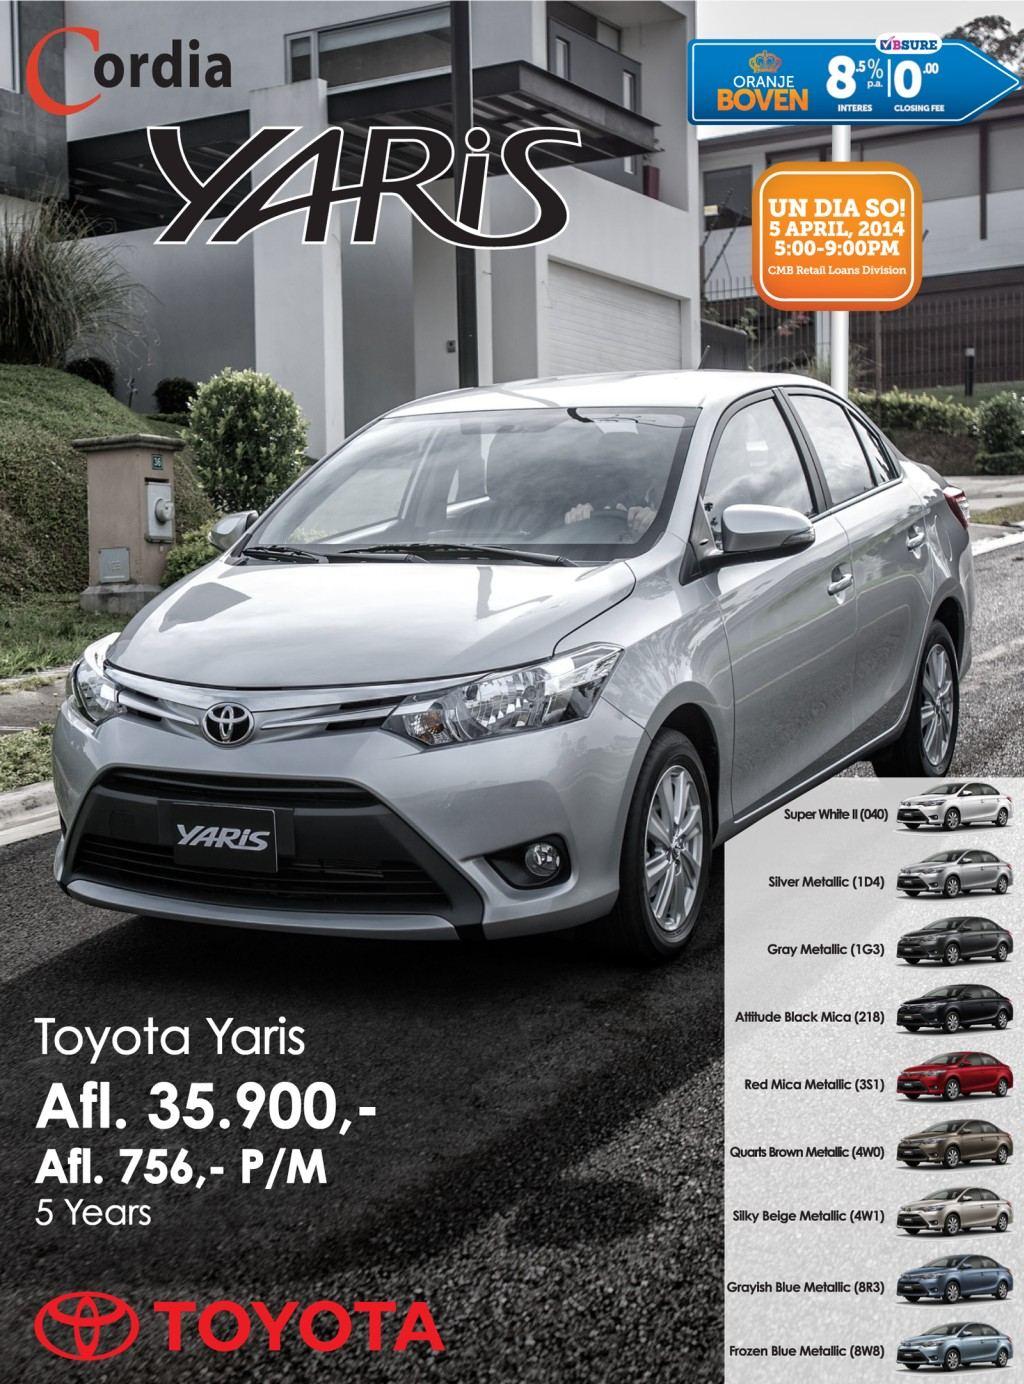 Rental Cars In Aruba Toyota